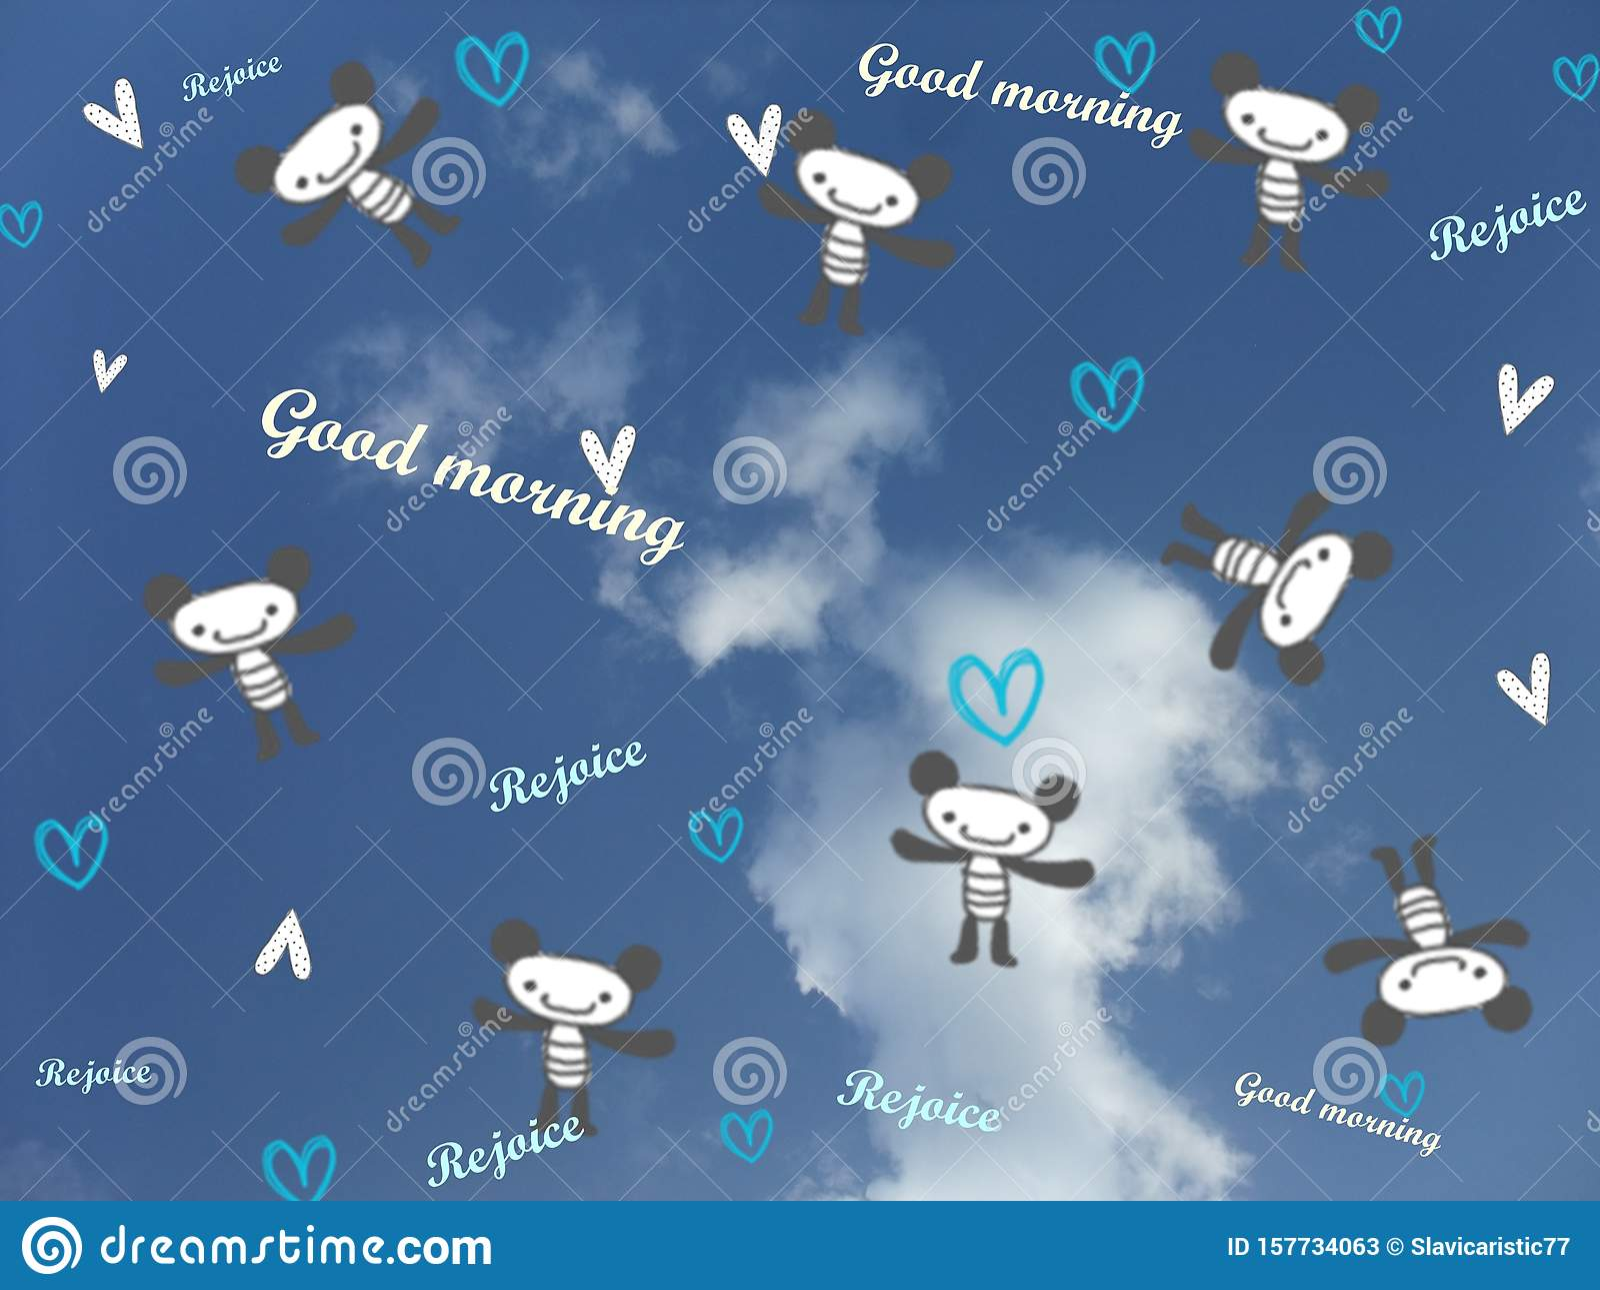 Good morning kids